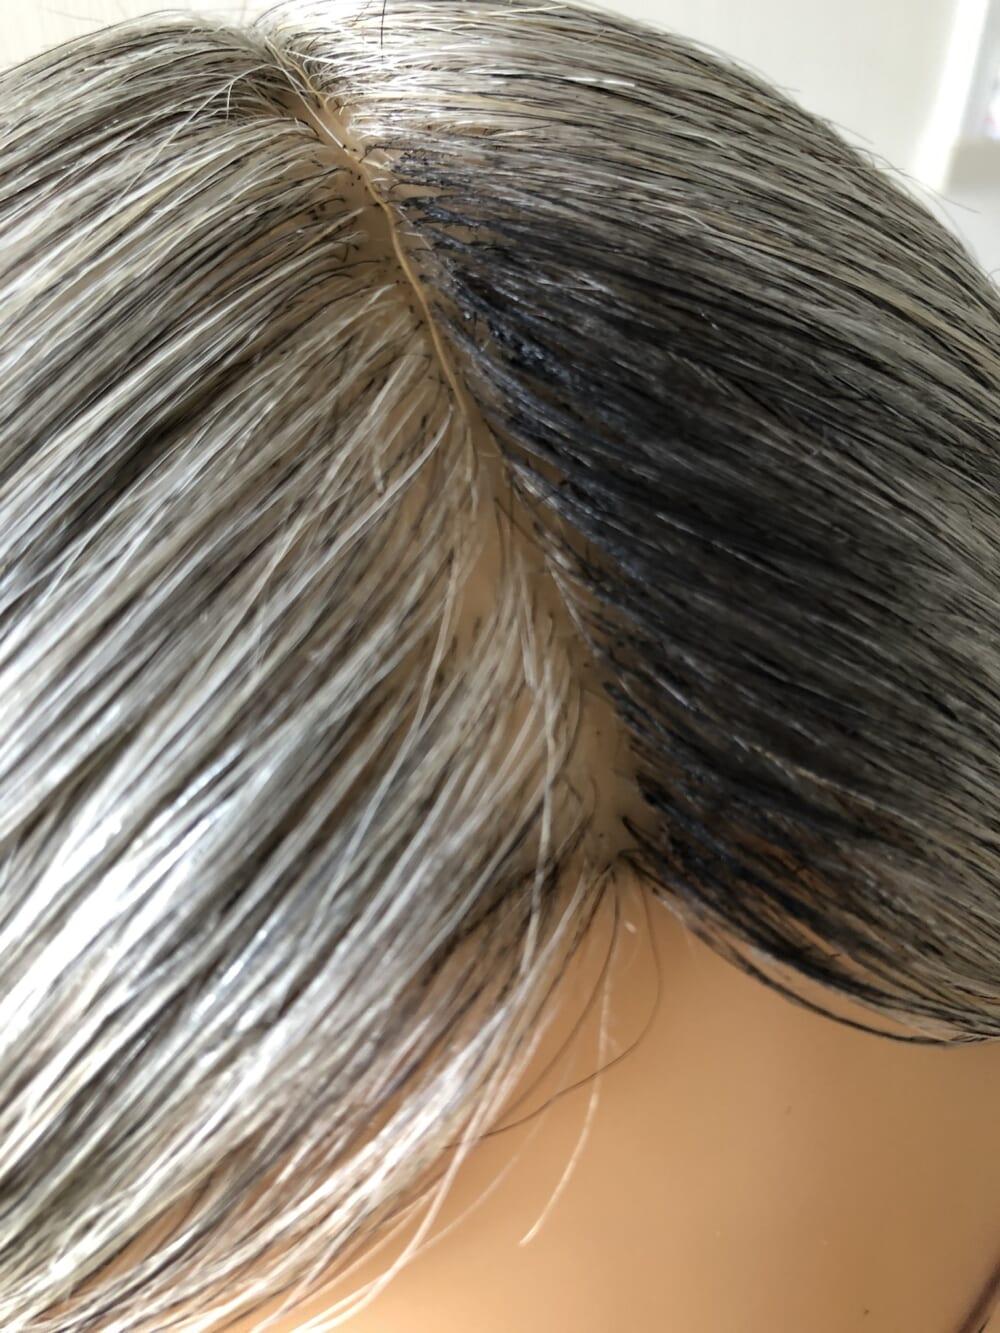 頭頂部や白髪の範囲が広い部分はブラシをねかせて塗り、顔周りや白髪の範囲が狭い部分はブラシを立ててとかすように塗りましょう